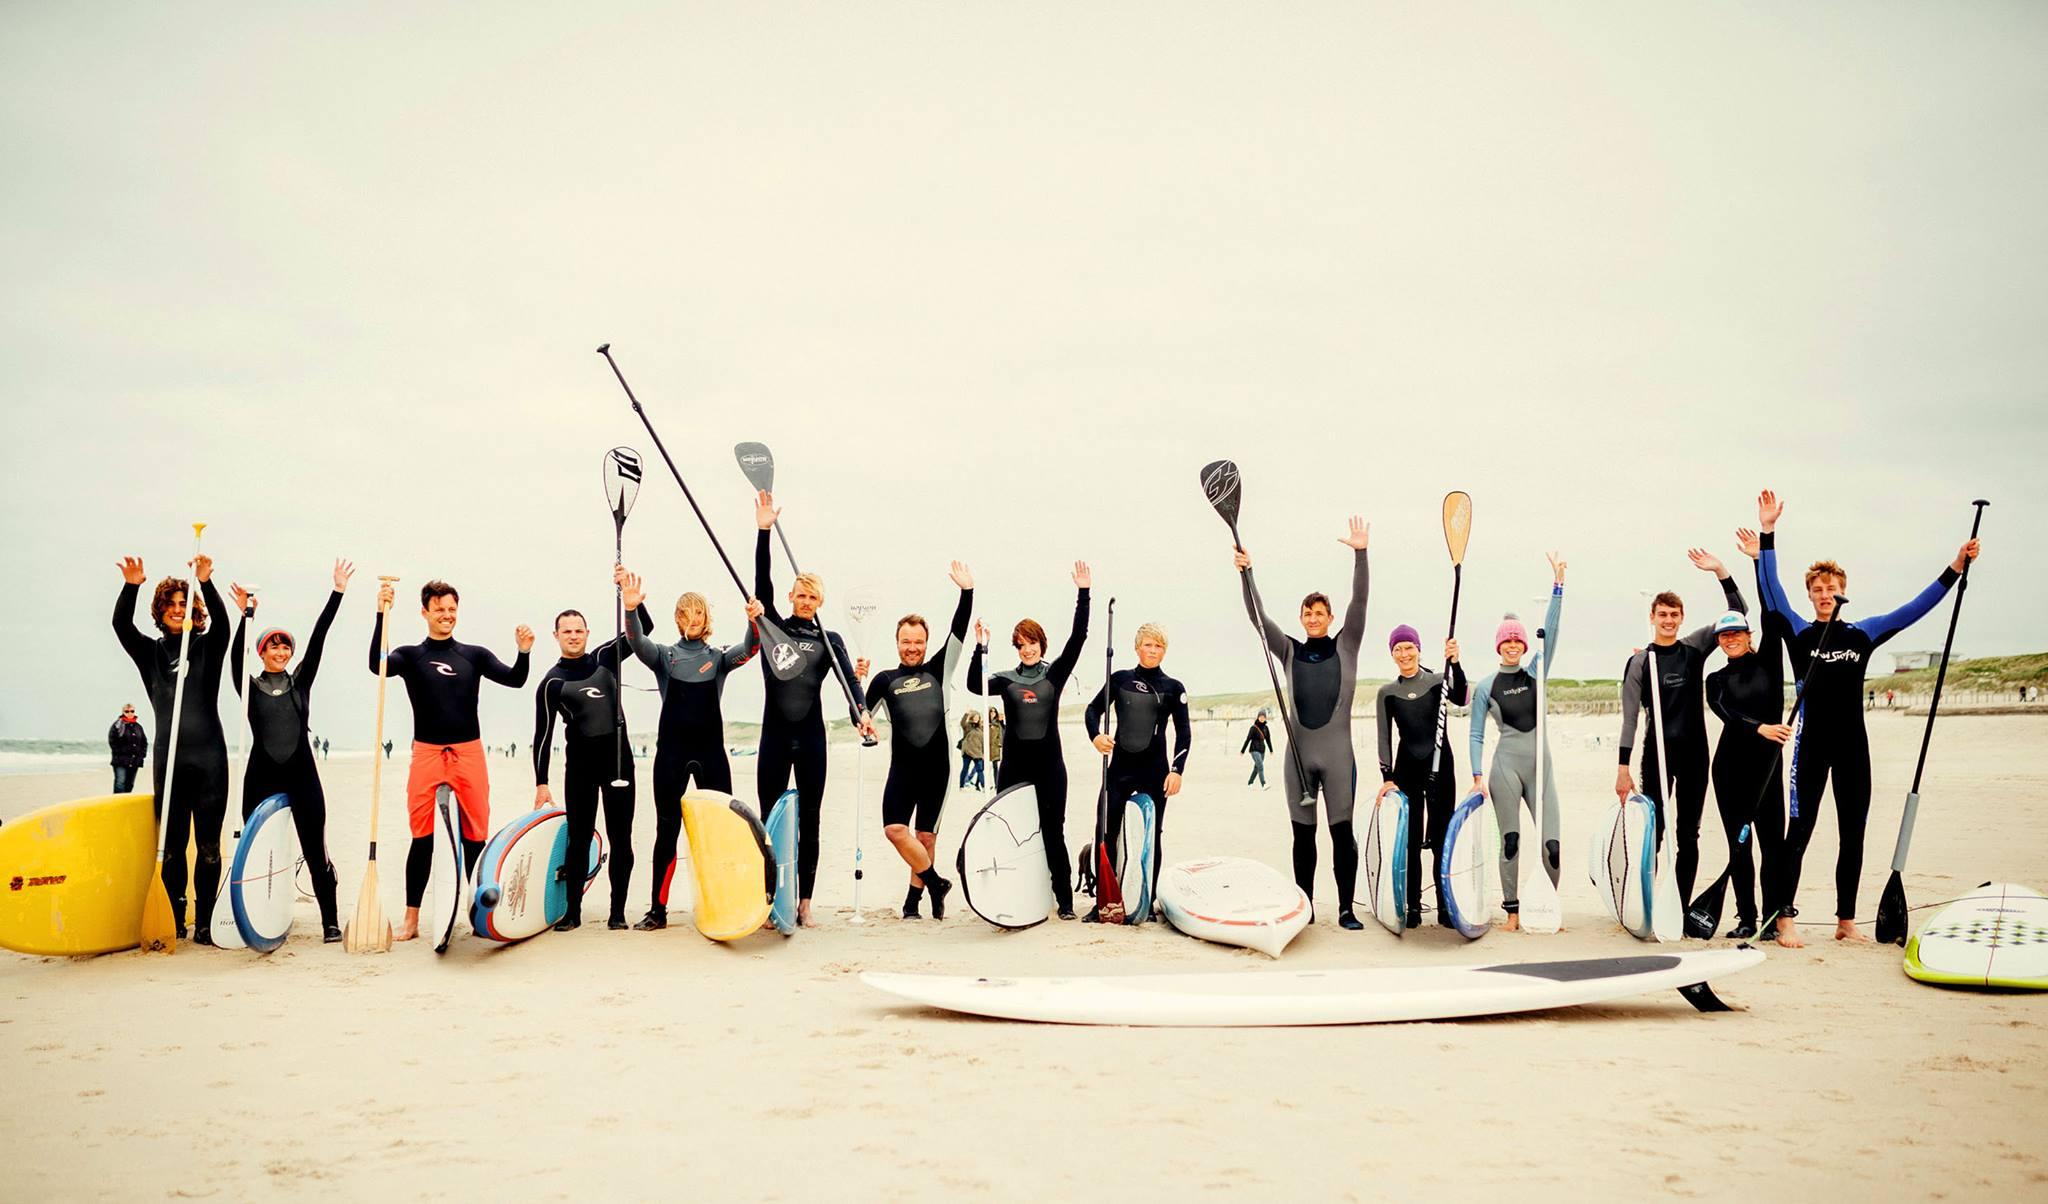 SUP Surf Sylt. Durch einen Zufall zum Traumjob.